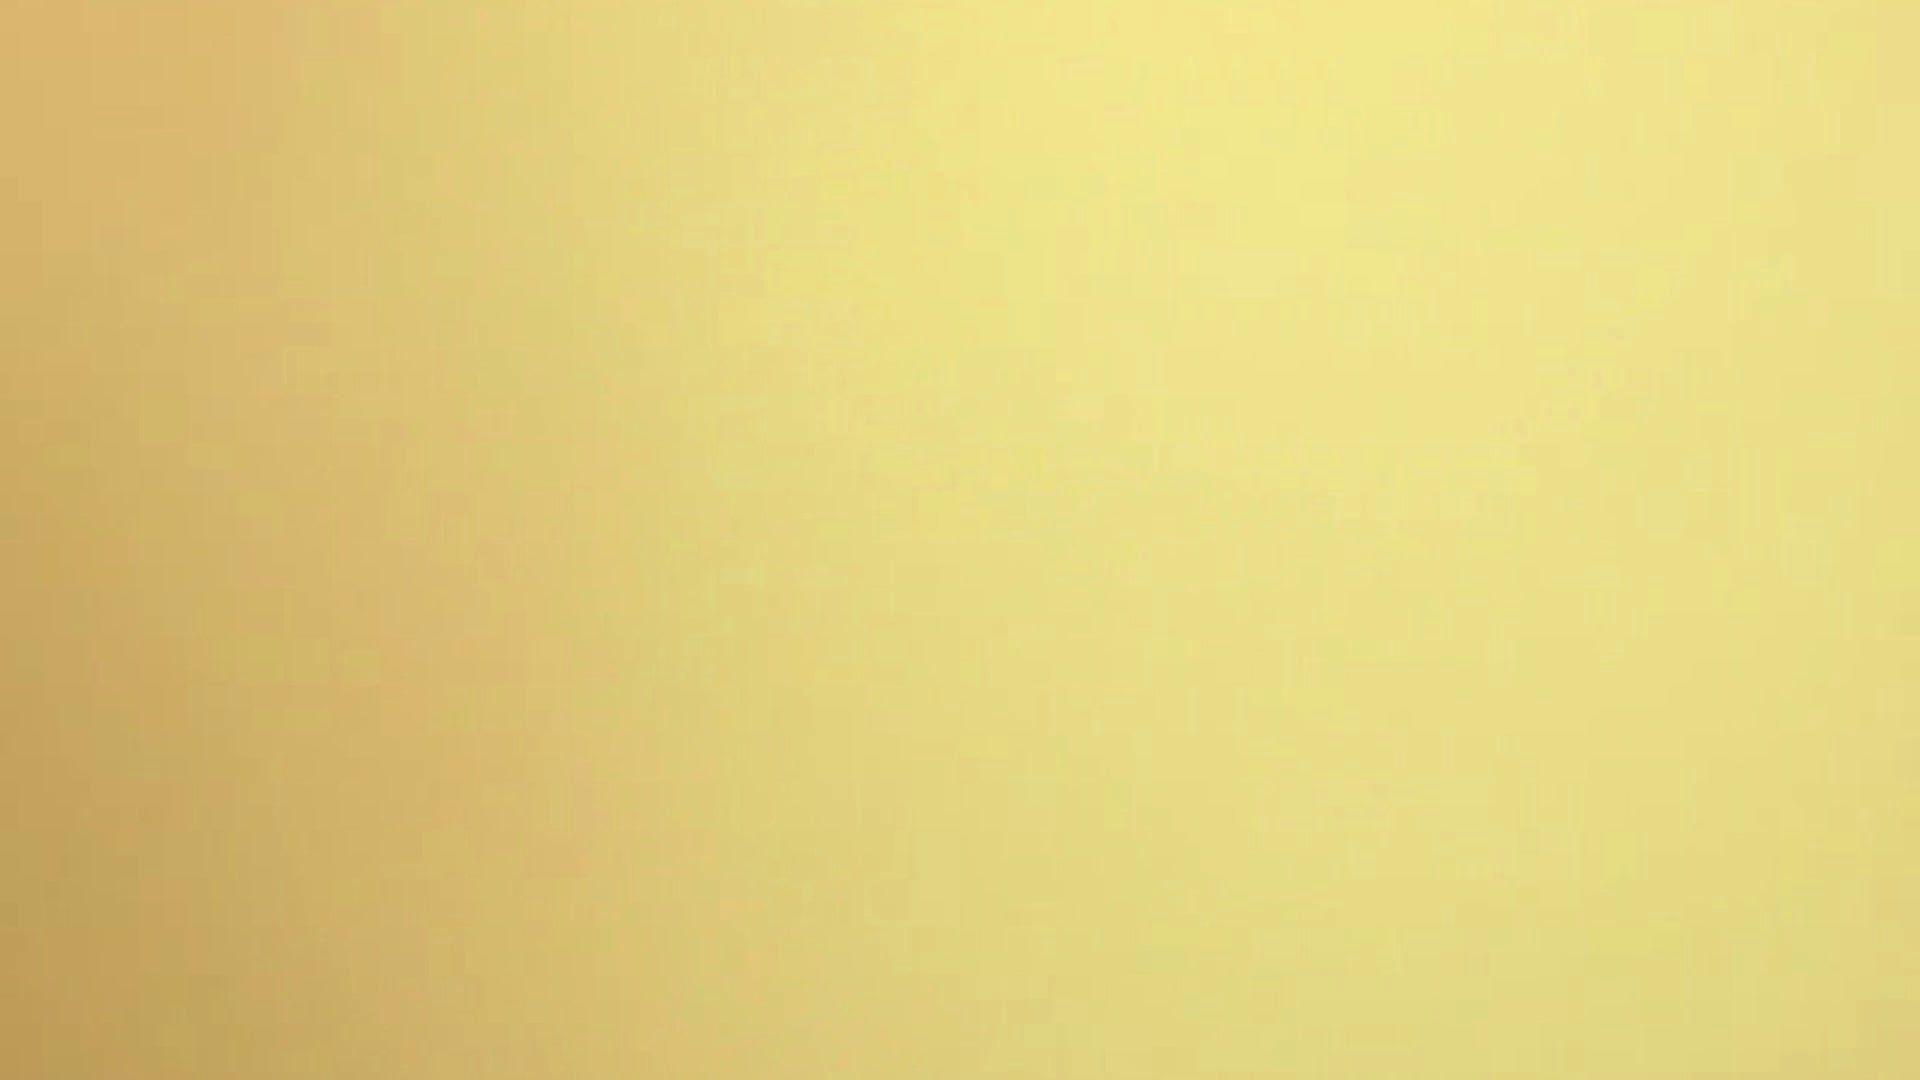 女子トイレ盗撮若い嬢編vol.05 女子トイレ編 オメコ動画キャプチャ 109PIX 89